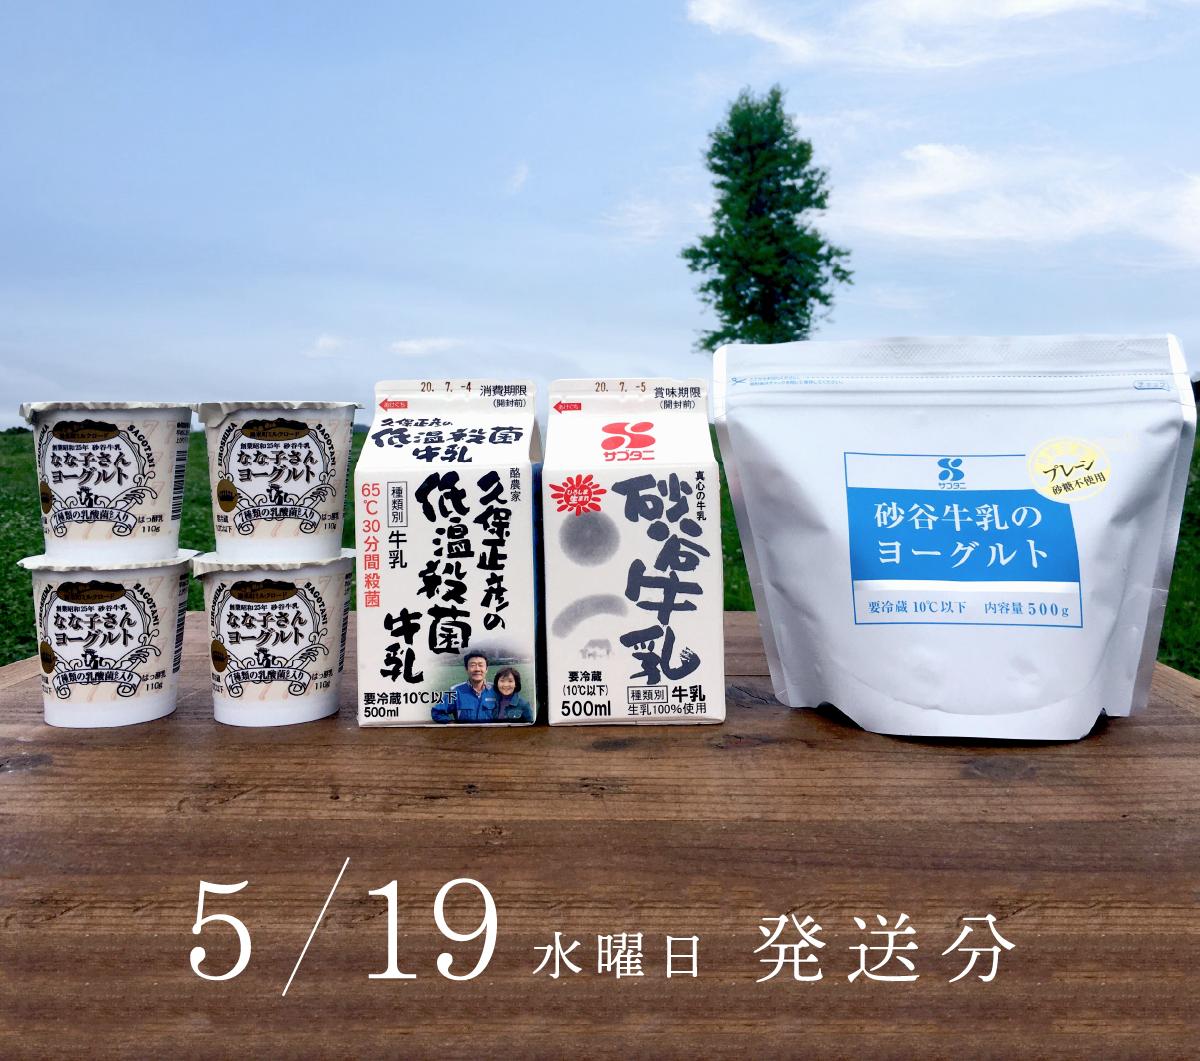 少量セットA 牛乳&ヨーグルト 5月19日(水)発送分